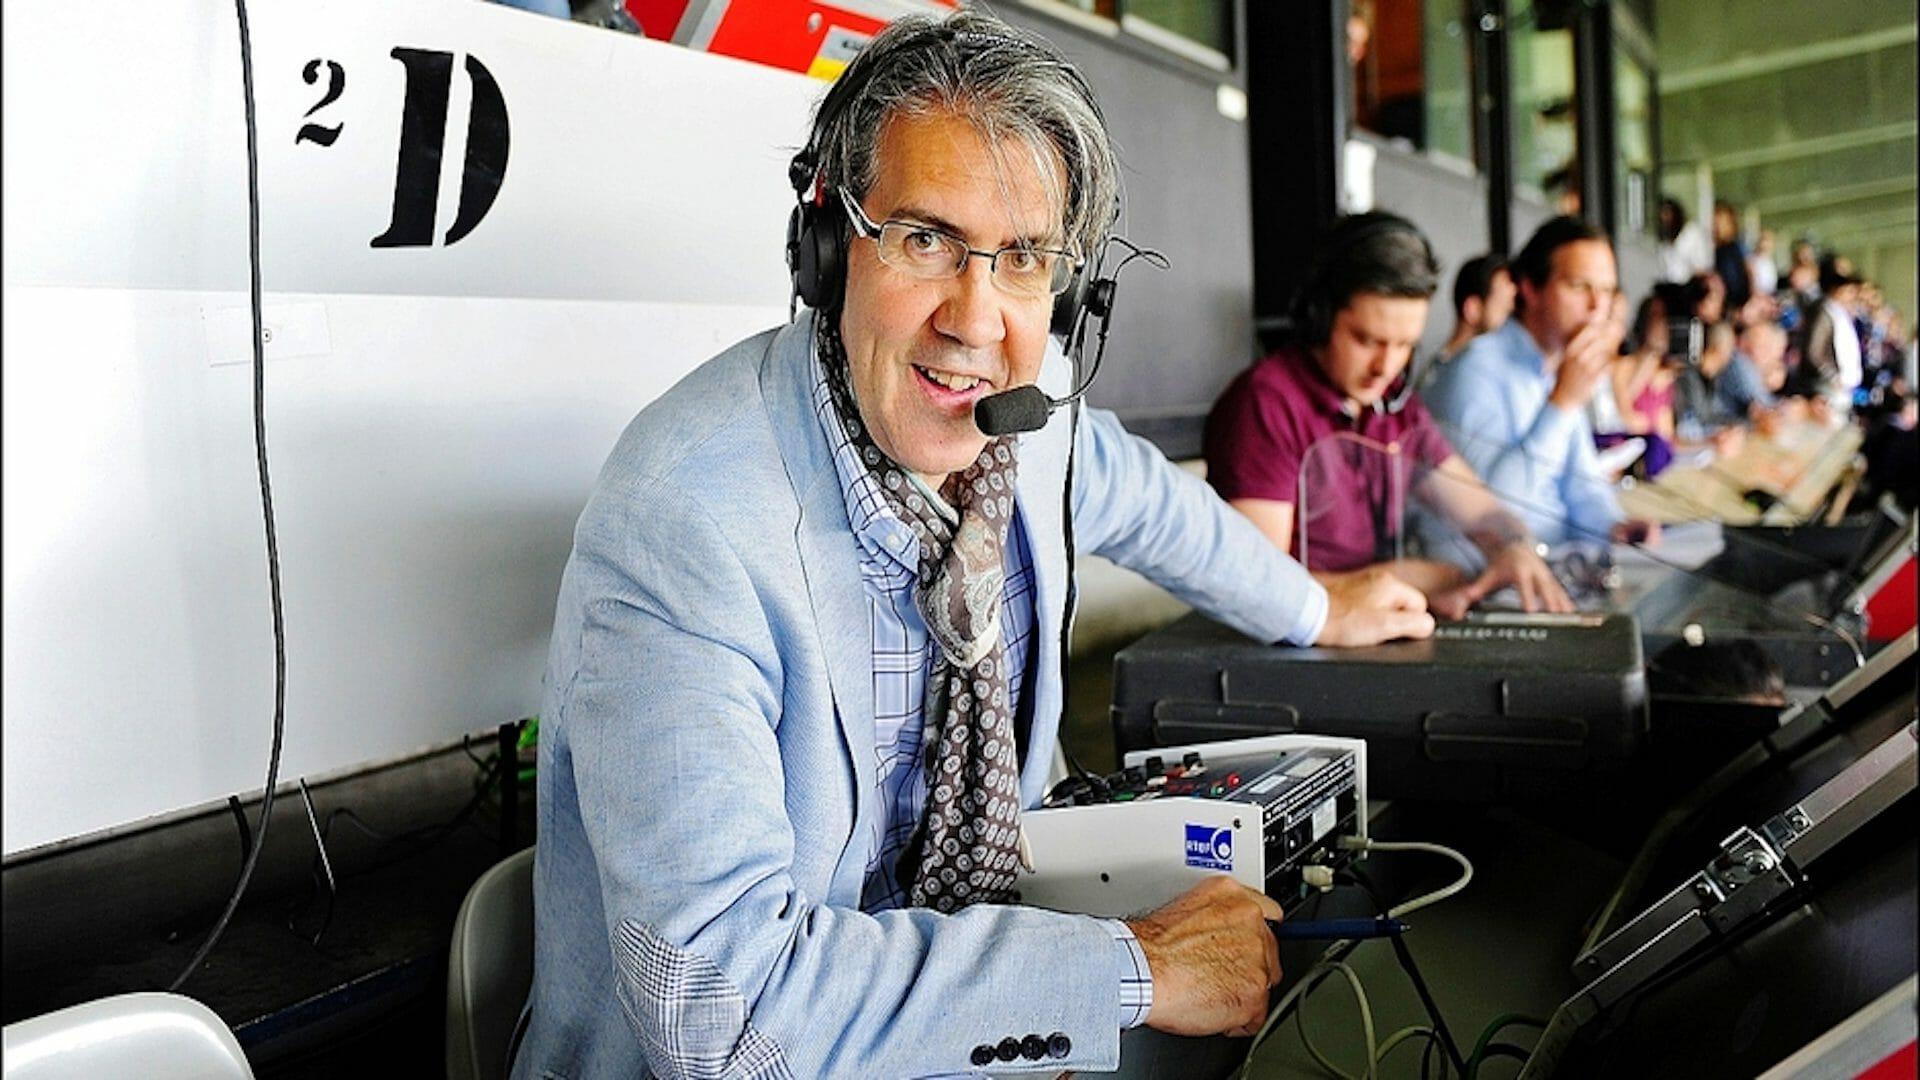 Rodrigo Beenkens, le commentateur belge plus chauvin qu'un «frouze»